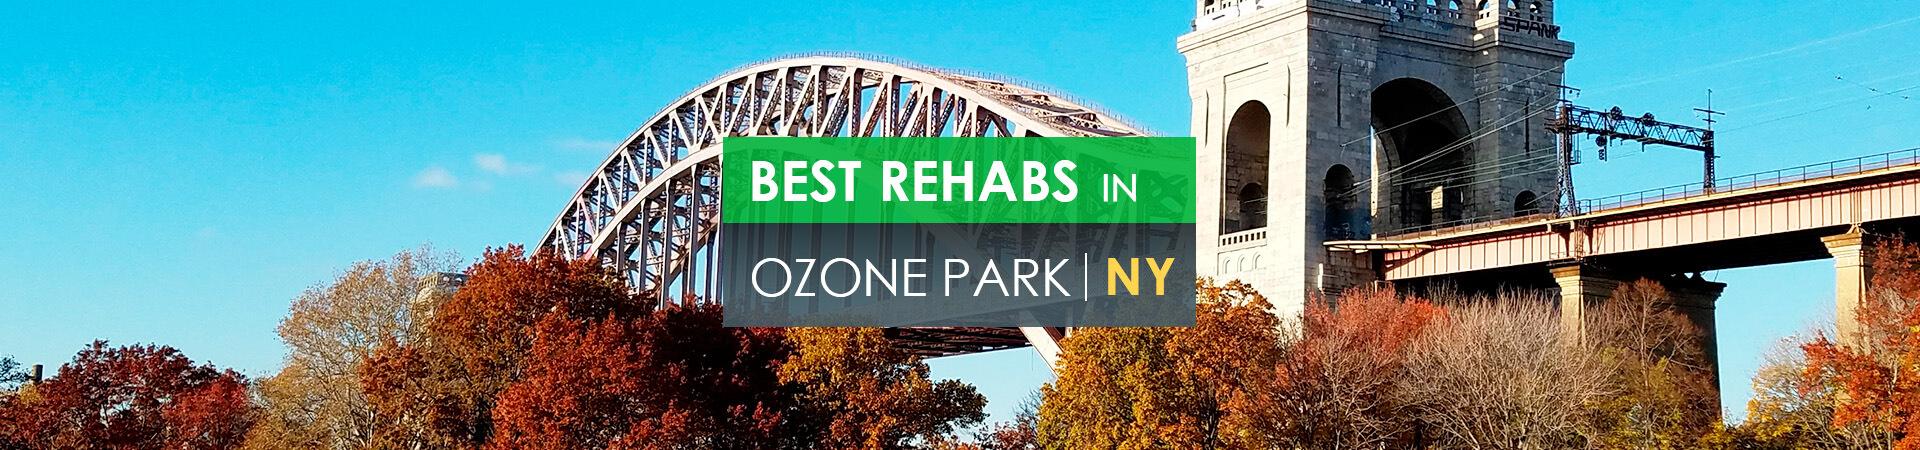 Best rehabs in Ozone Park, NY